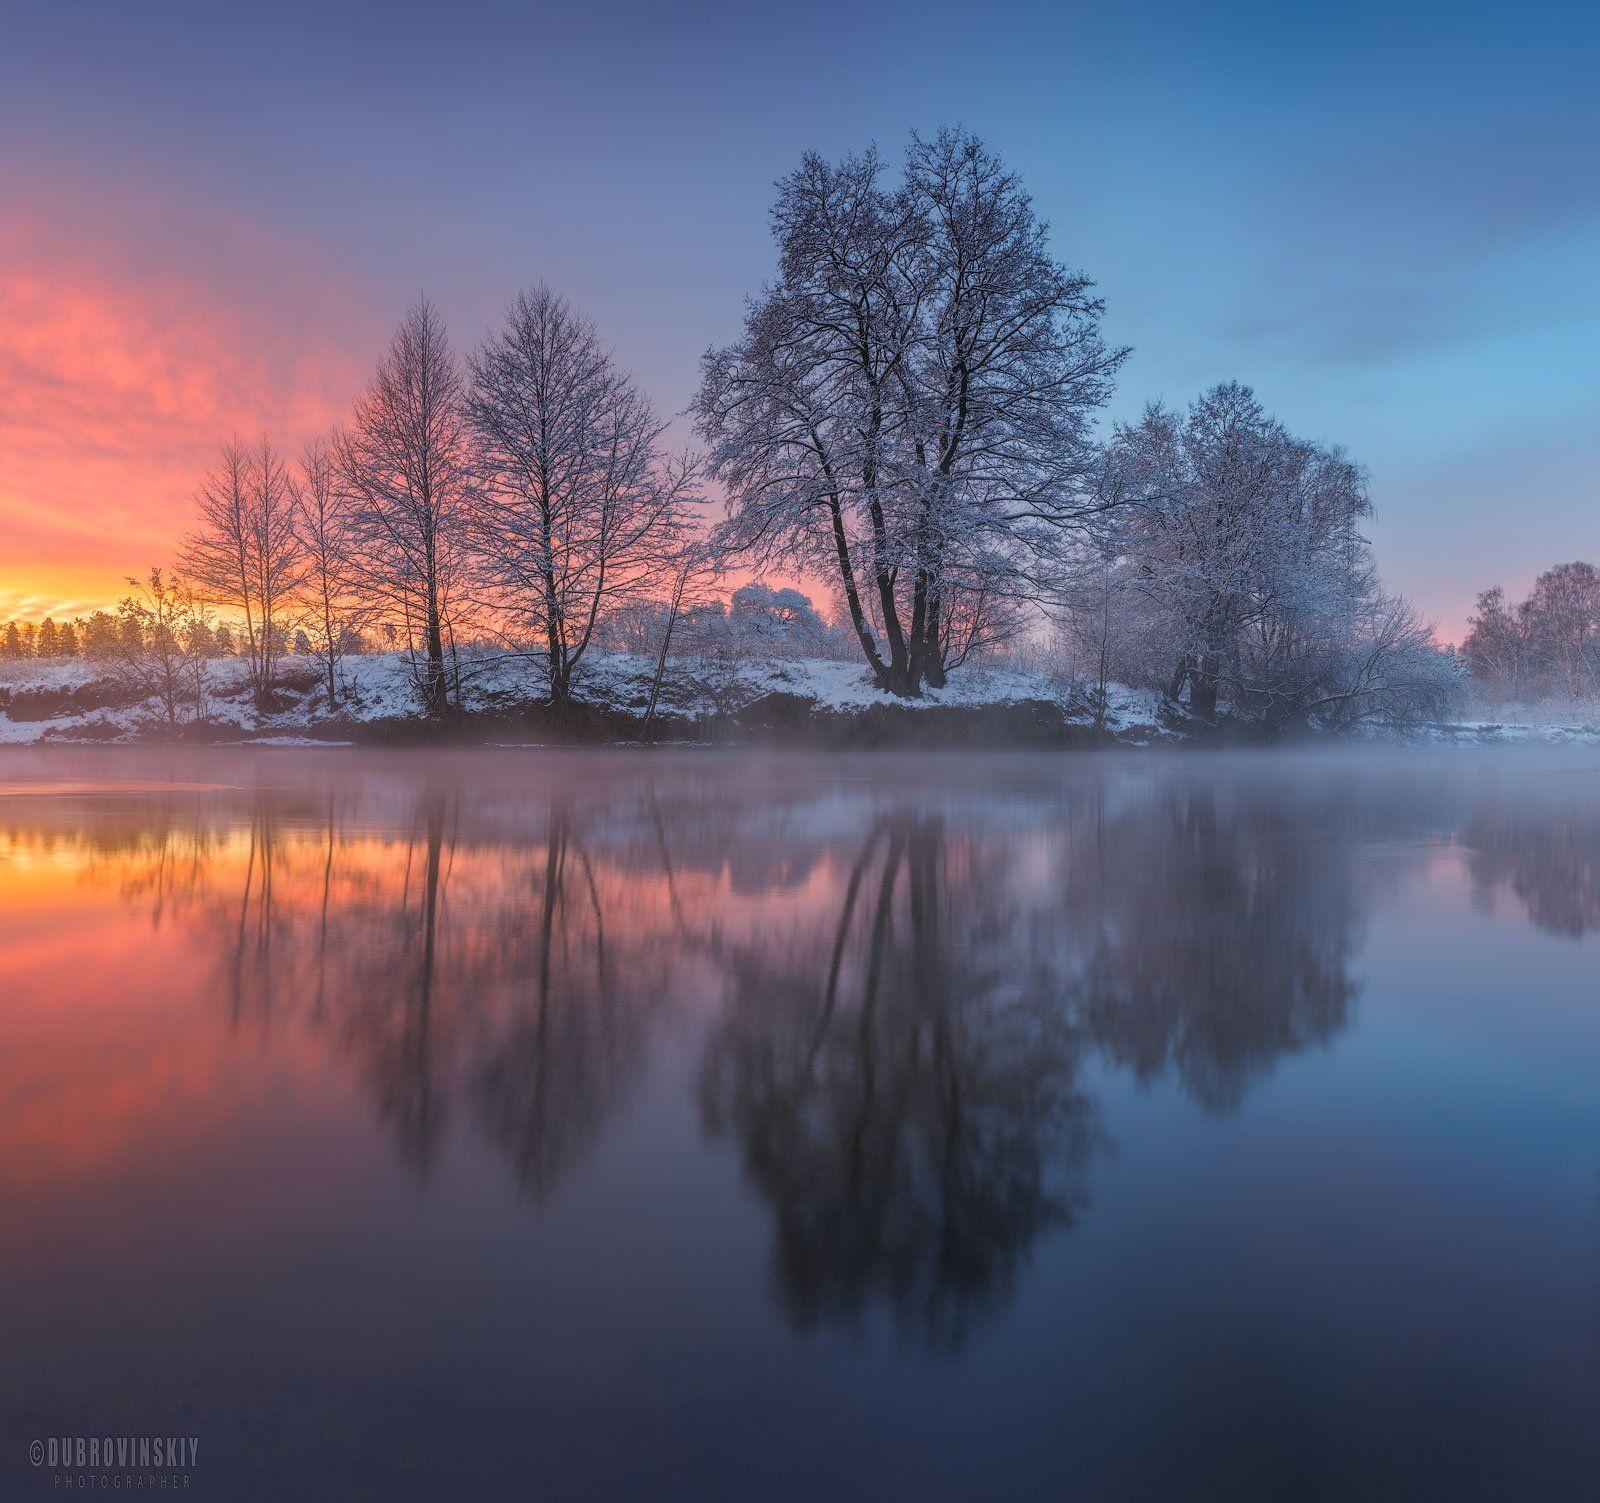 река, зима, рассвет, отражения, дерево, Дубровинский Михаил